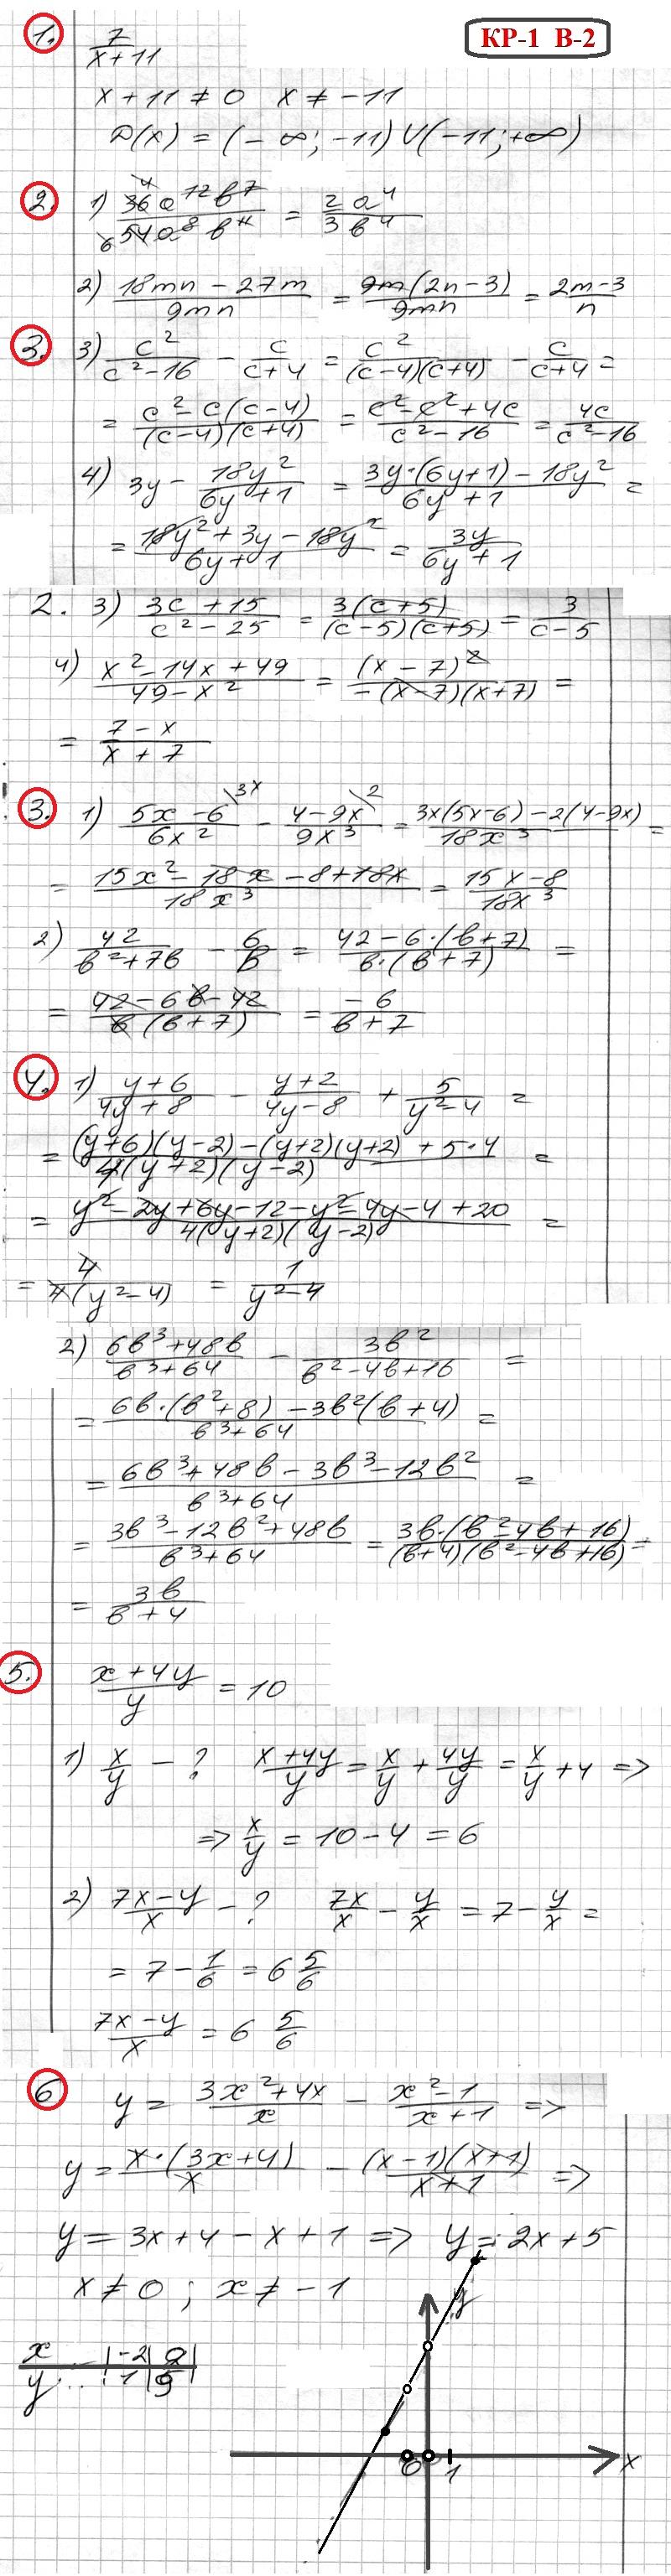 ОТВЕТЫ на КР-1 Алгебра 8 Мерзляк Вариант 2